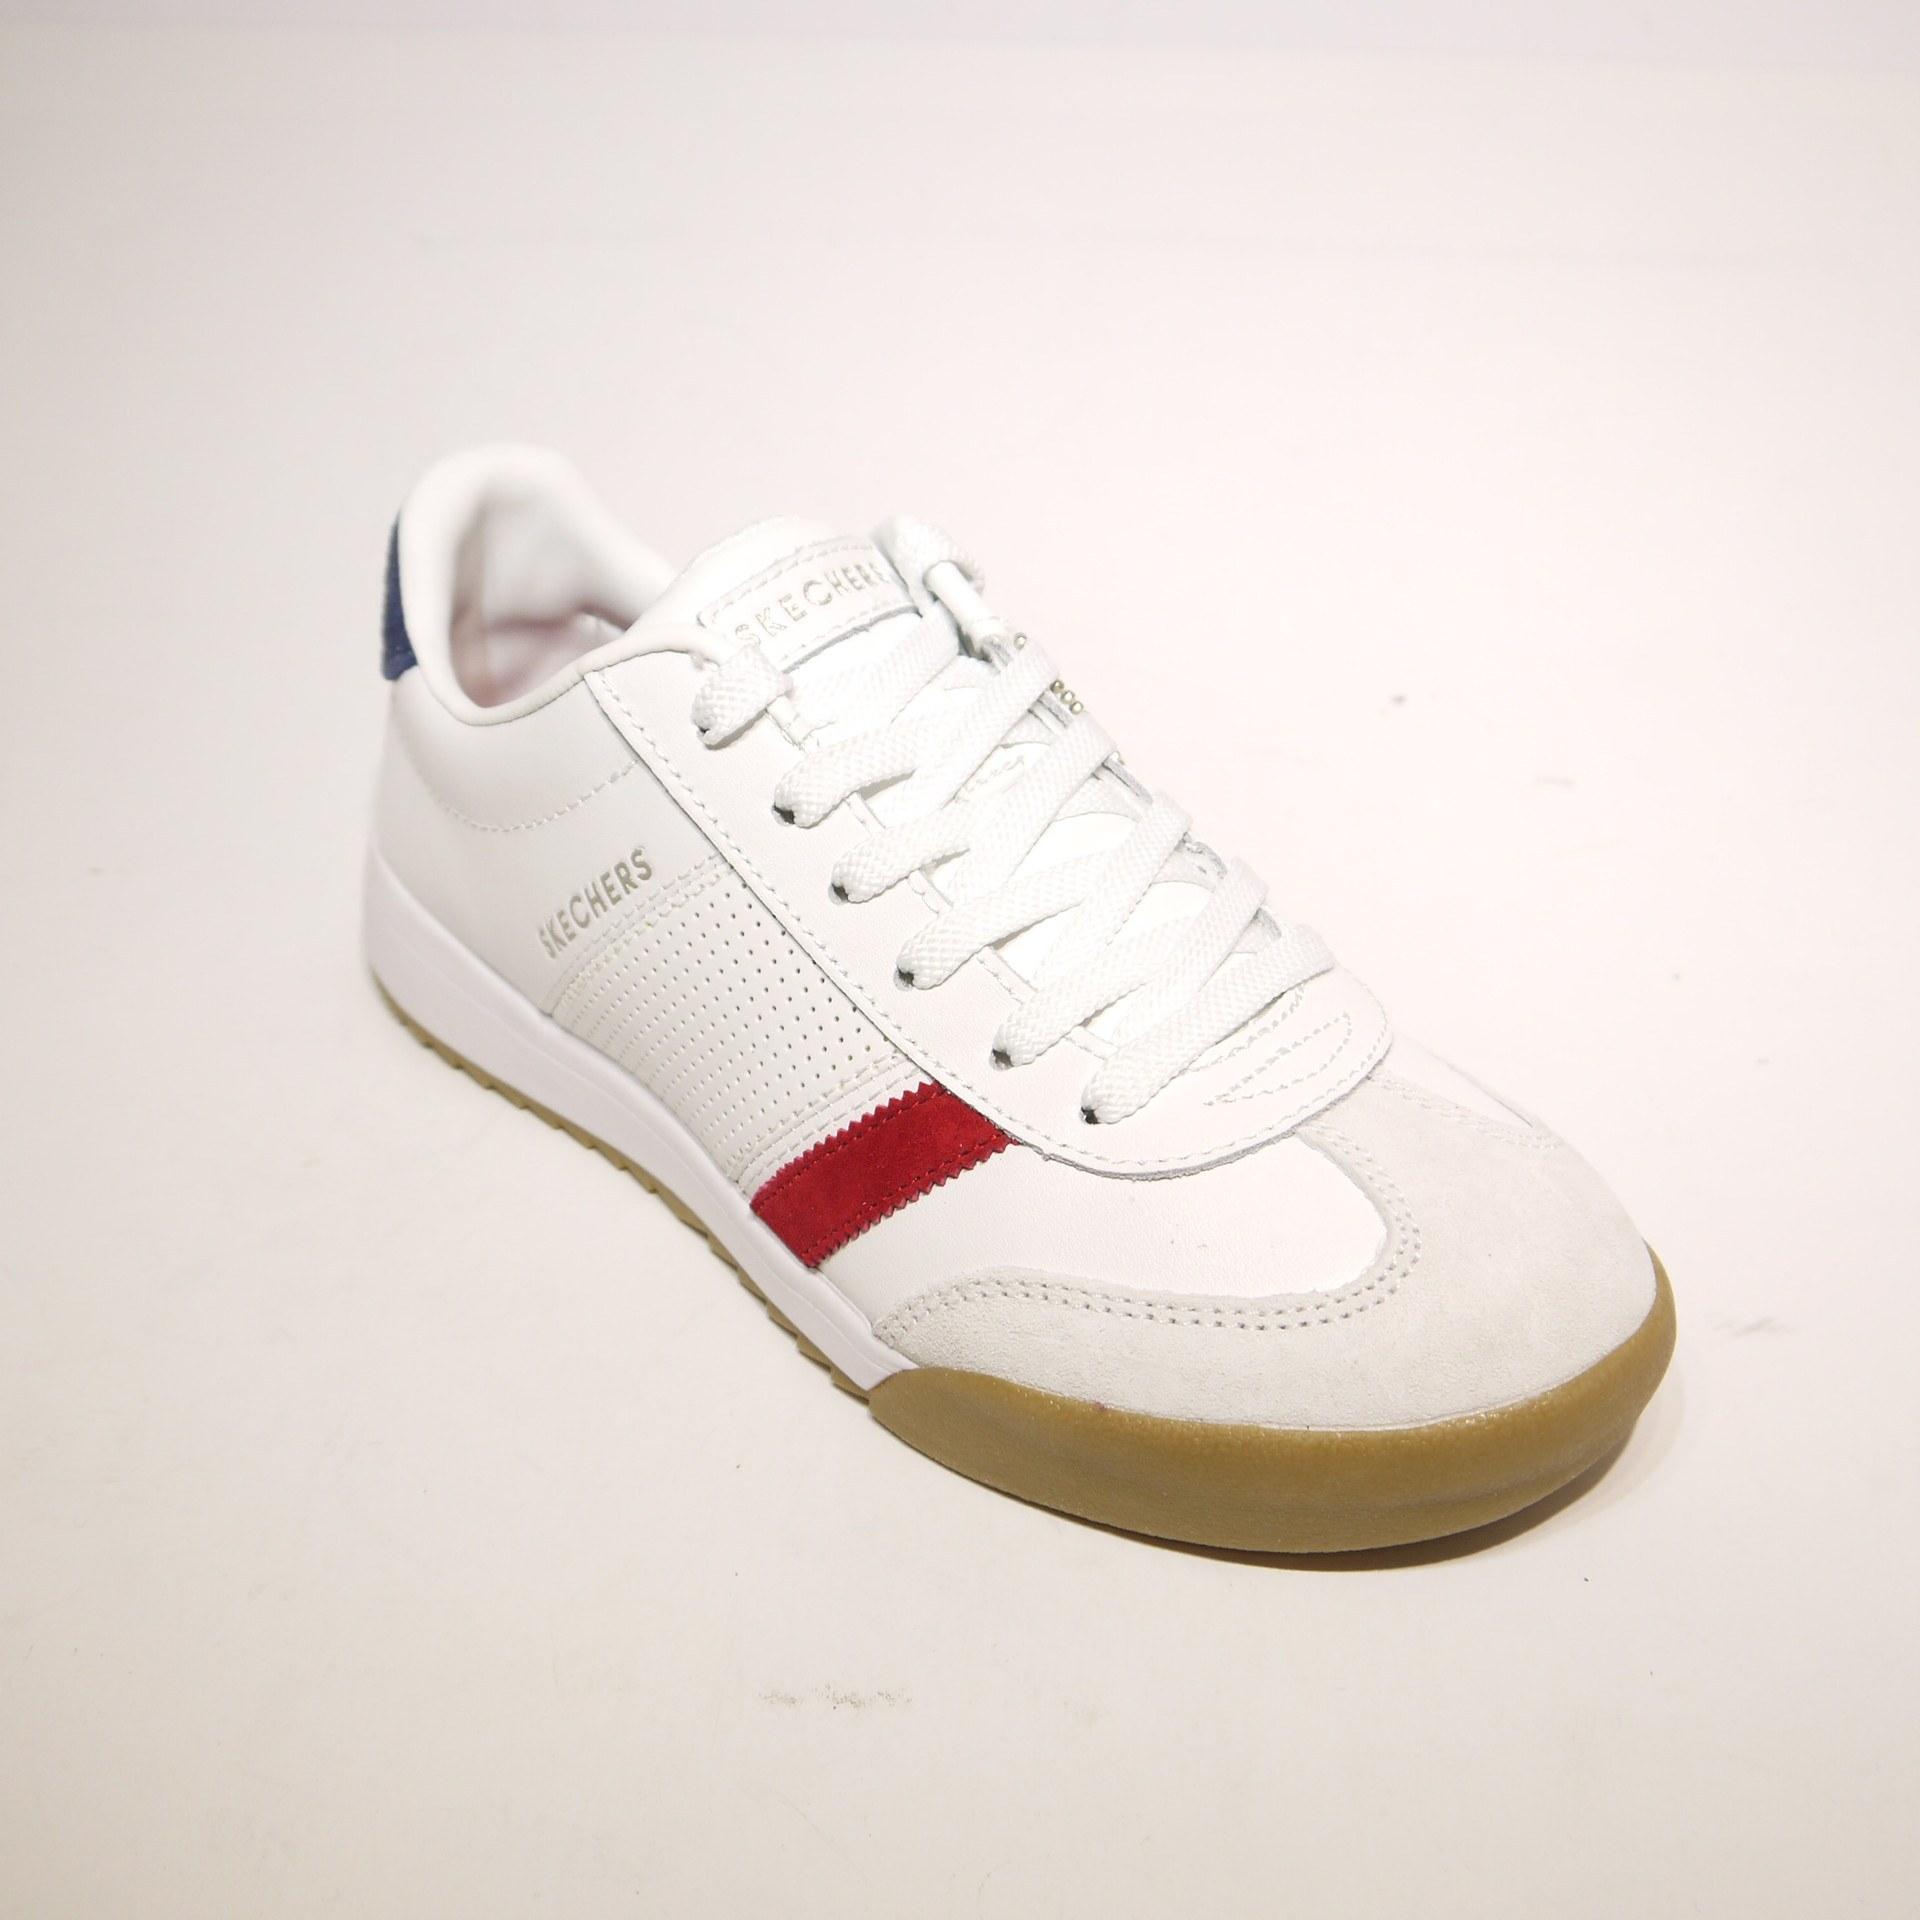 Skechers Zinger - Retro Rocker White